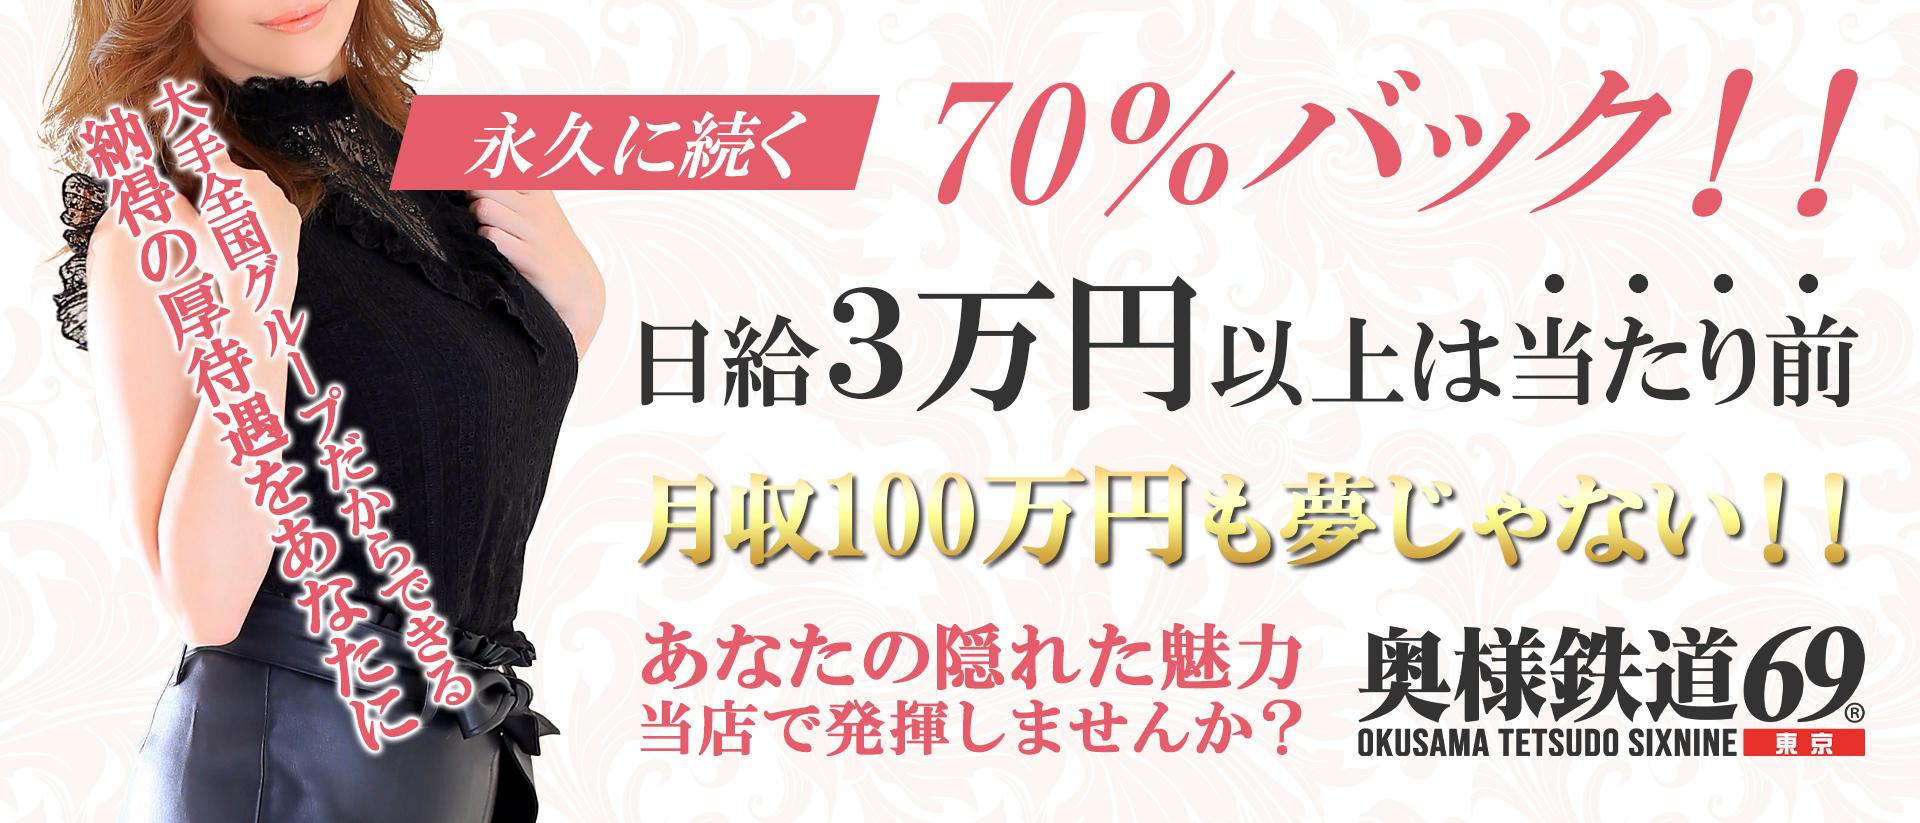 奥様鉄道69 東京店の求人画像